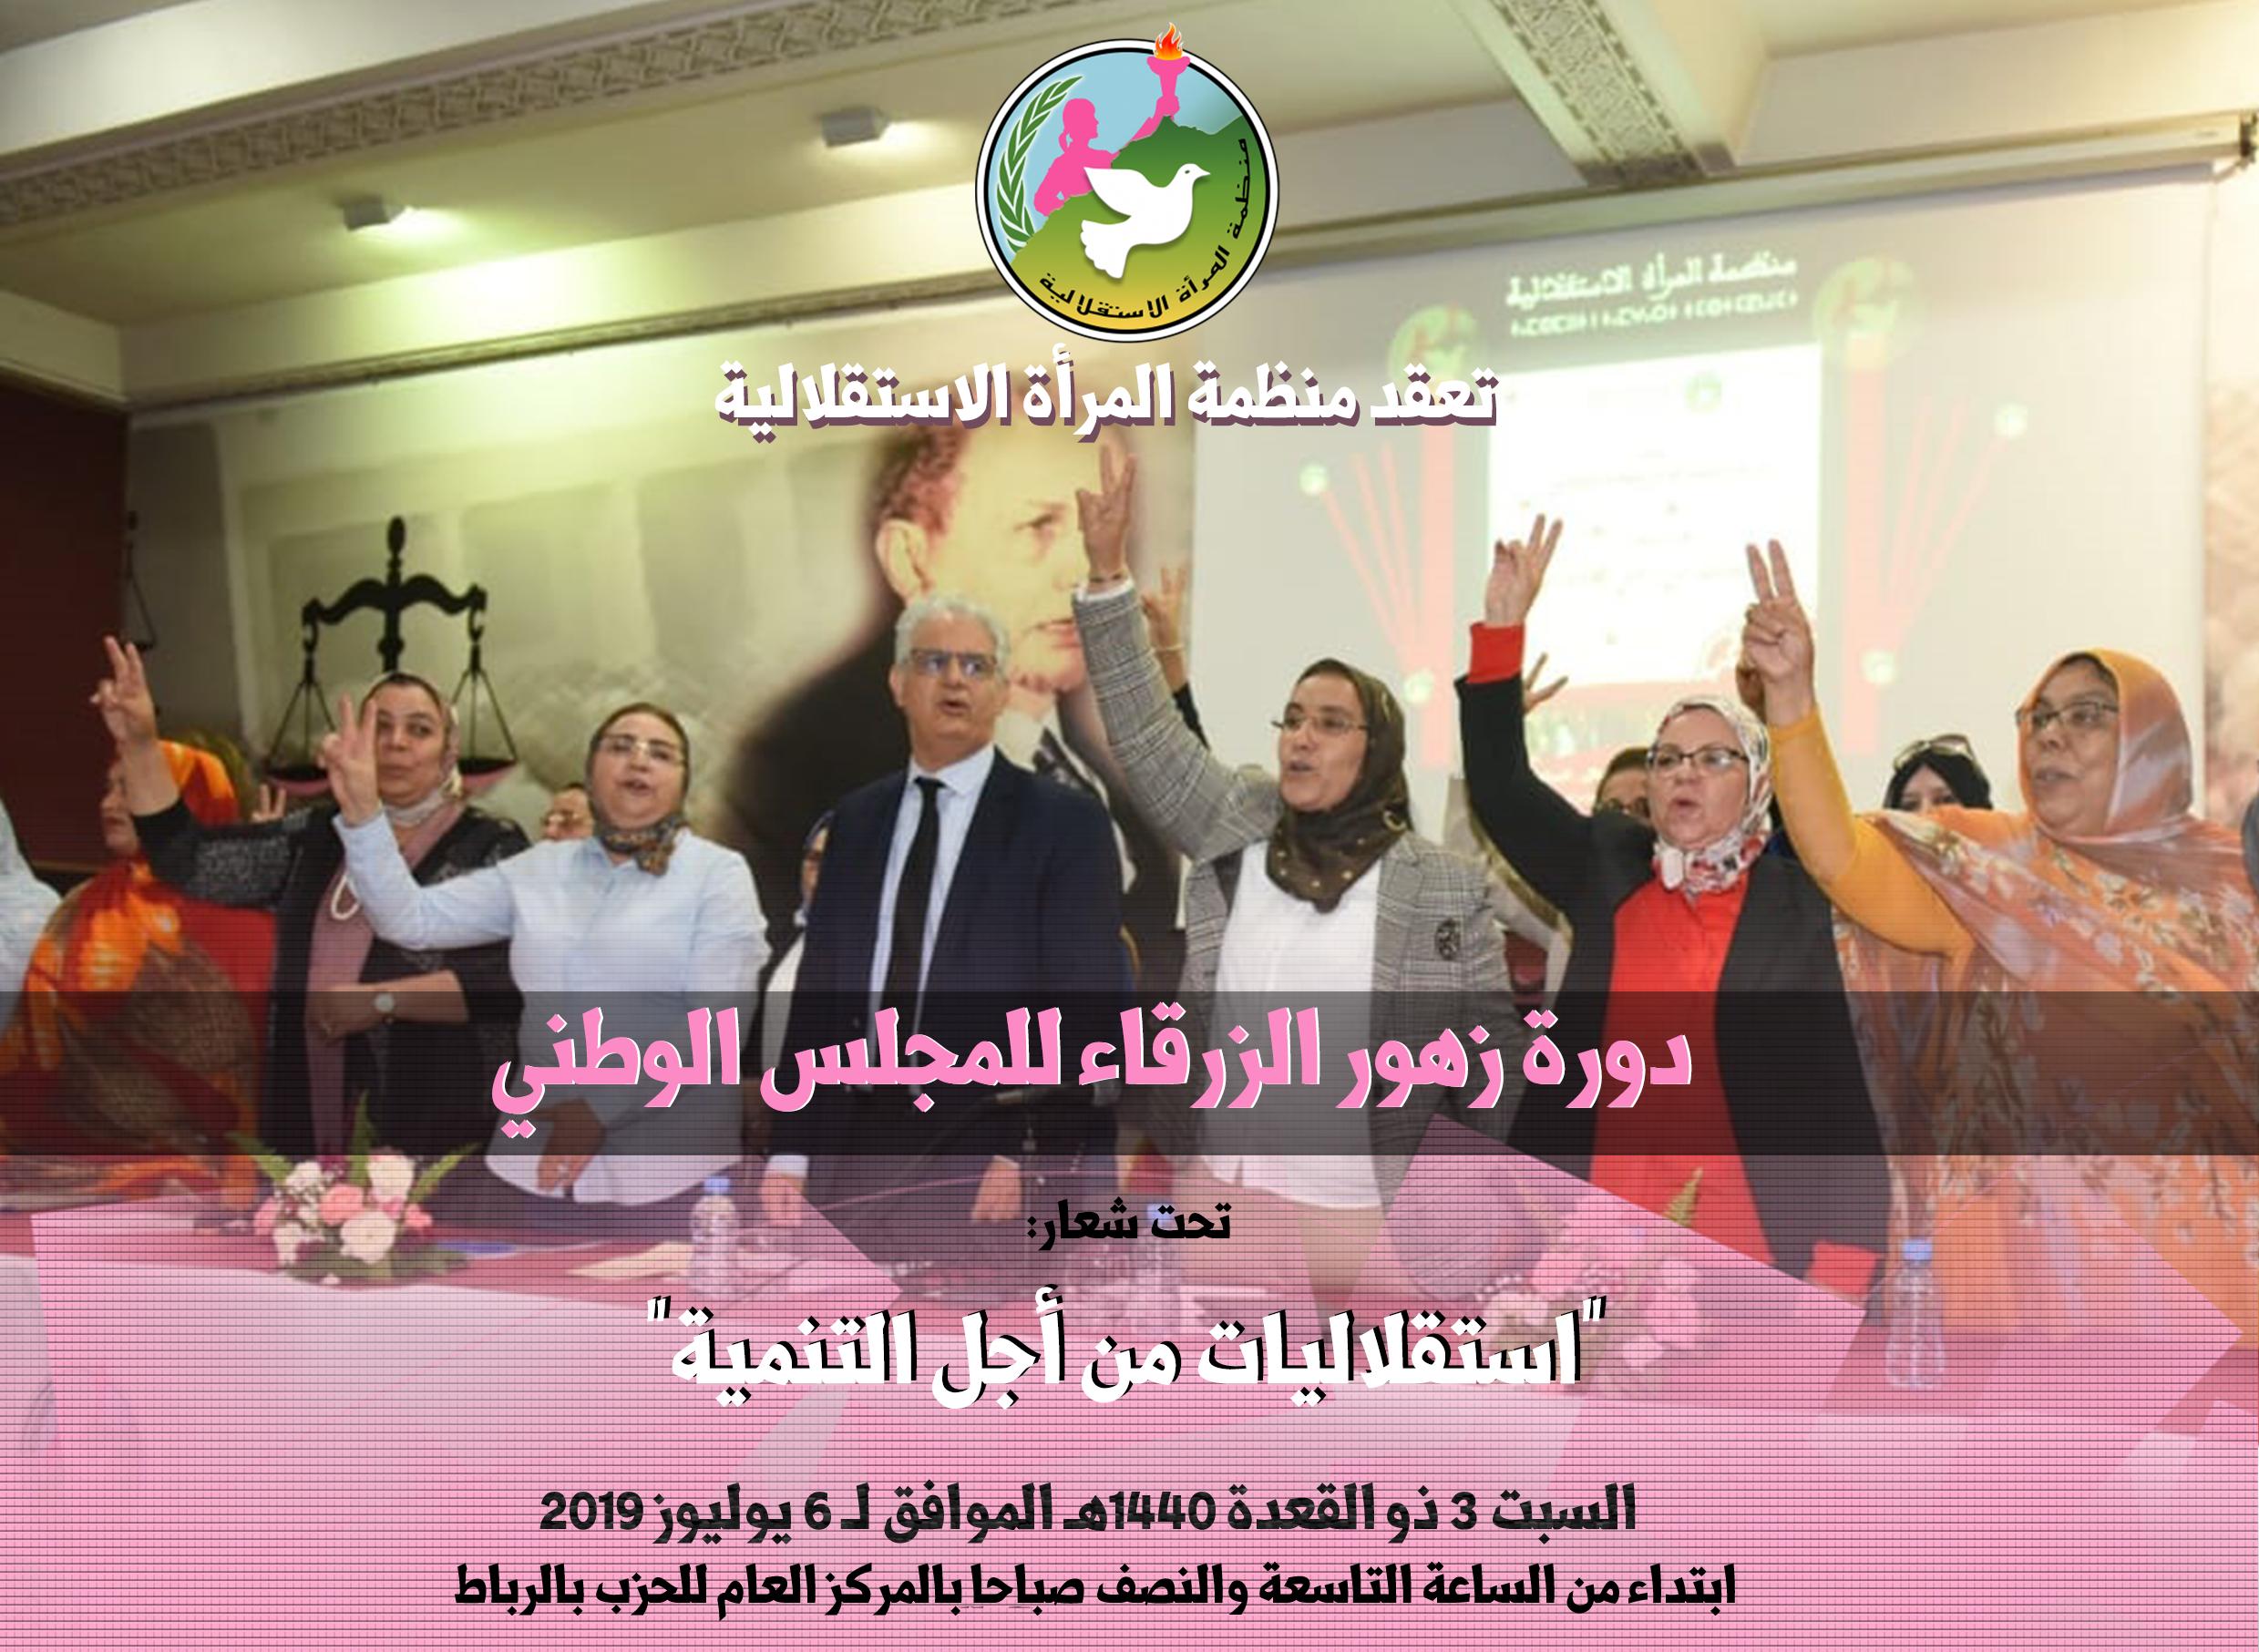 """تحت شعار """"استقلاليات من أجل التنمية.. منظمة المرأة الاستقلالية تعقد دورة زهور الزرقاء لمجلسها الوطني"""